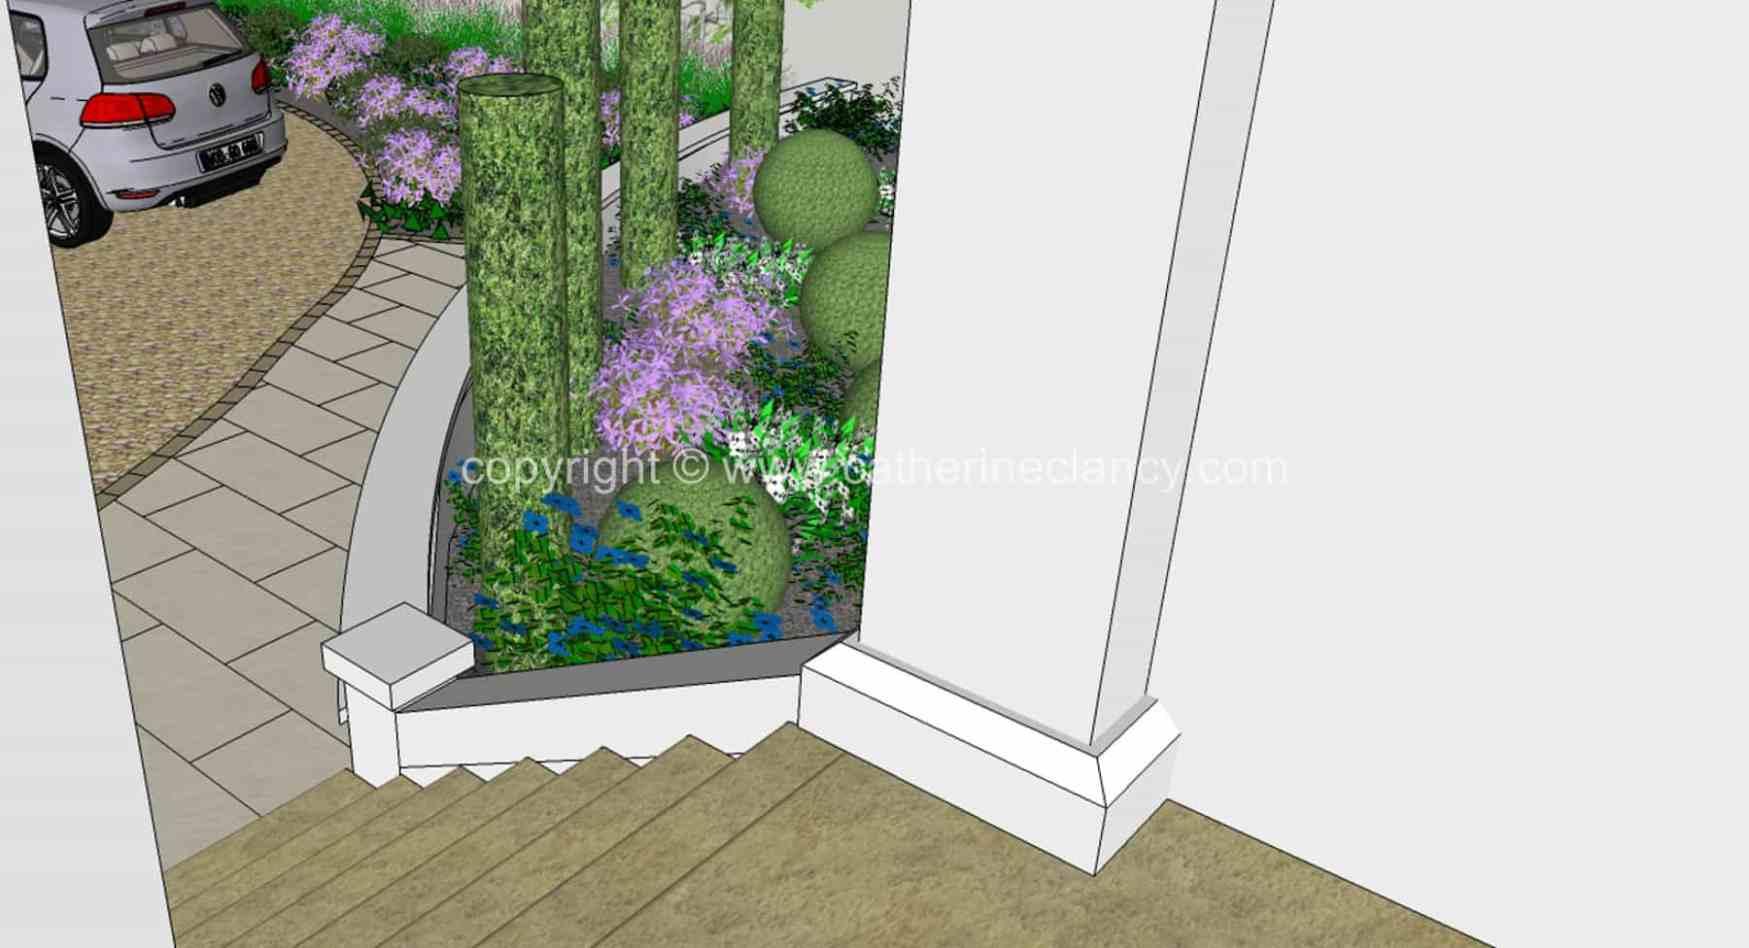 blackheath-front-garden-5